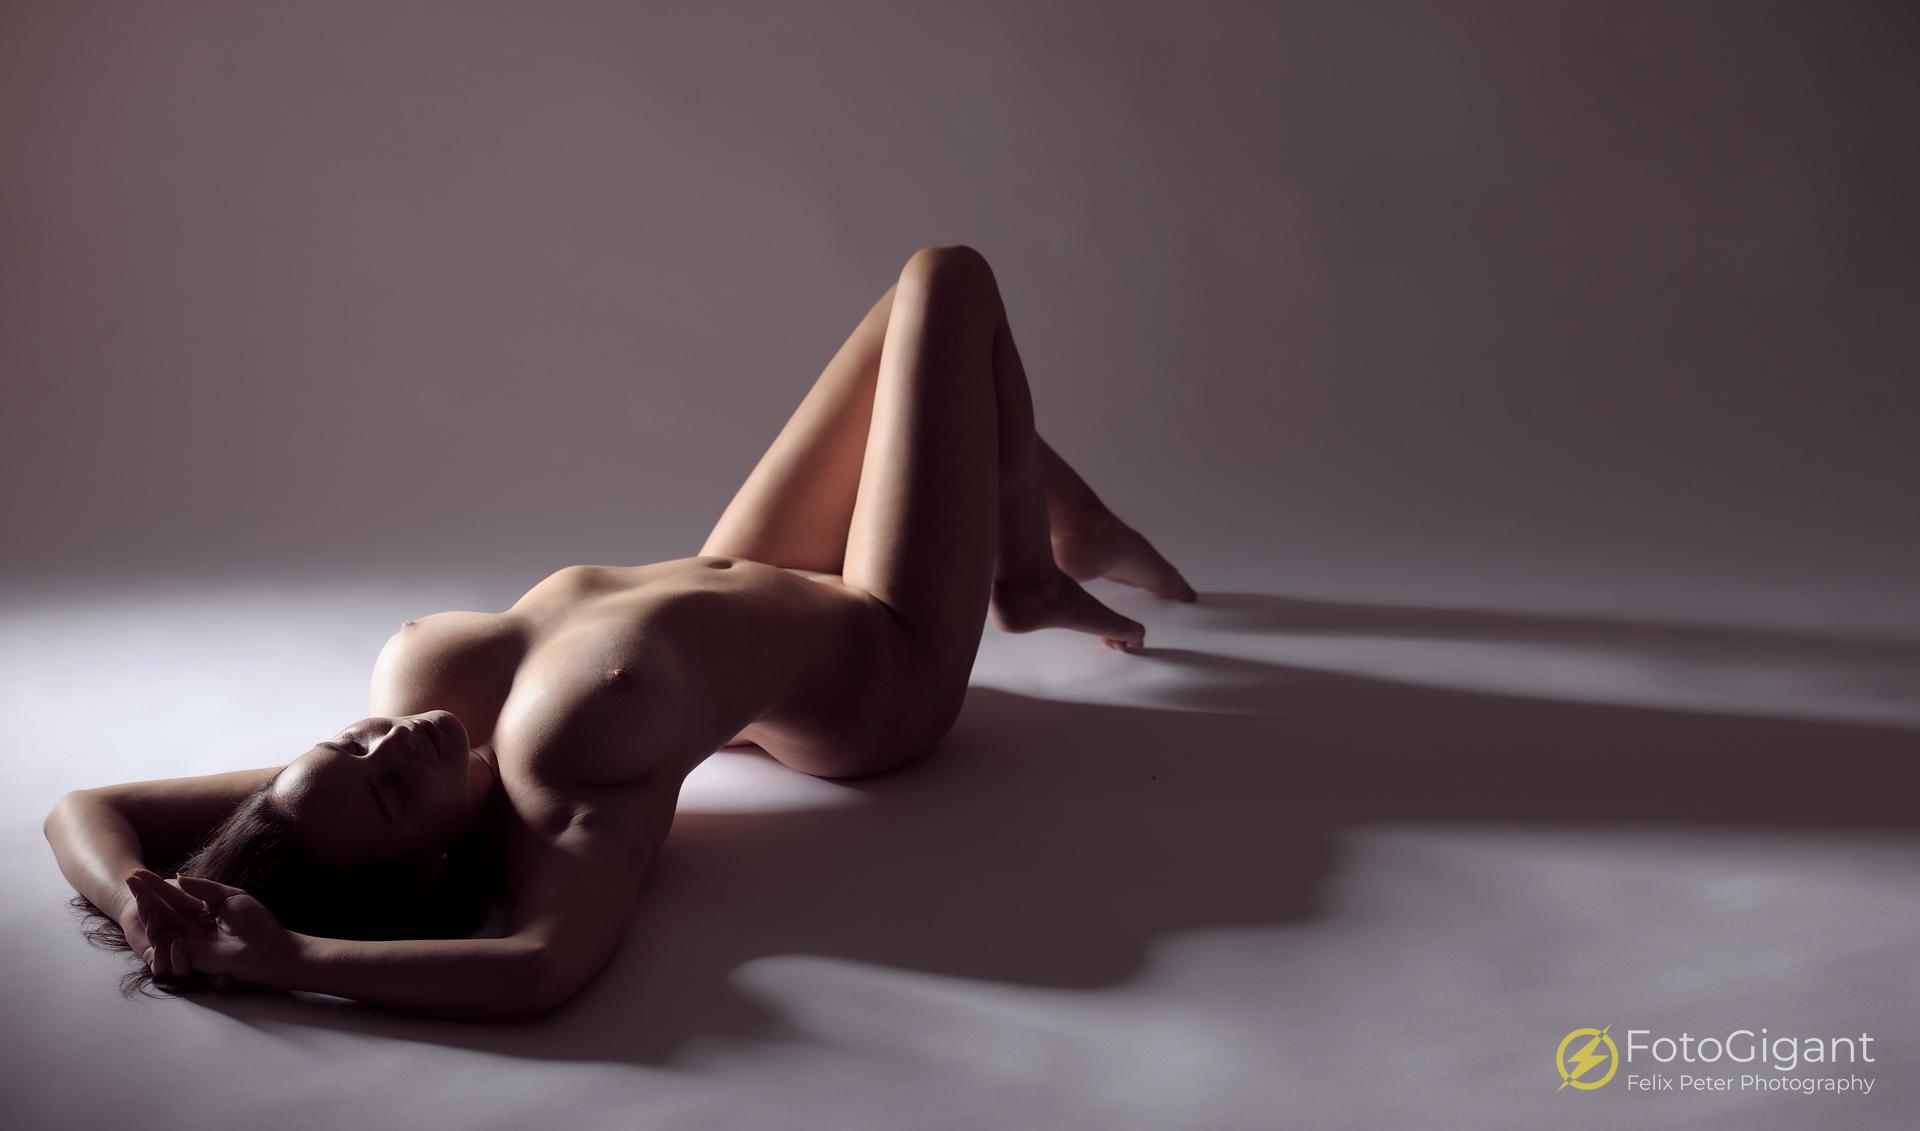 Traumhaft schöne Aktfotos für Privatpersonen, Amateur- und Profimodels -